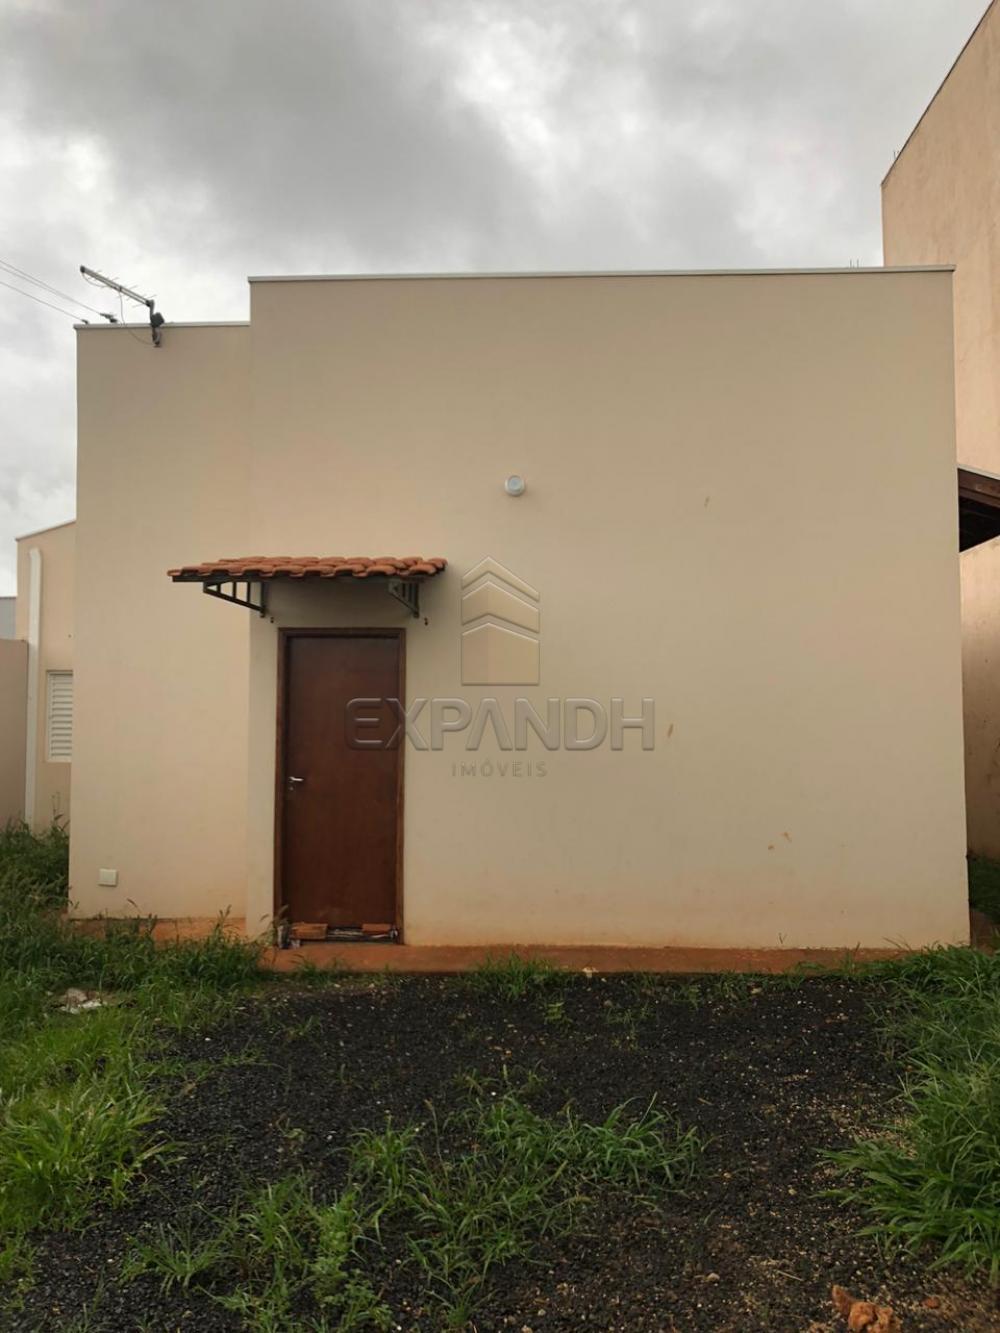 Alugar Casas / Padrão em Sertãozinho R$ 1.050,00 - Foto 2